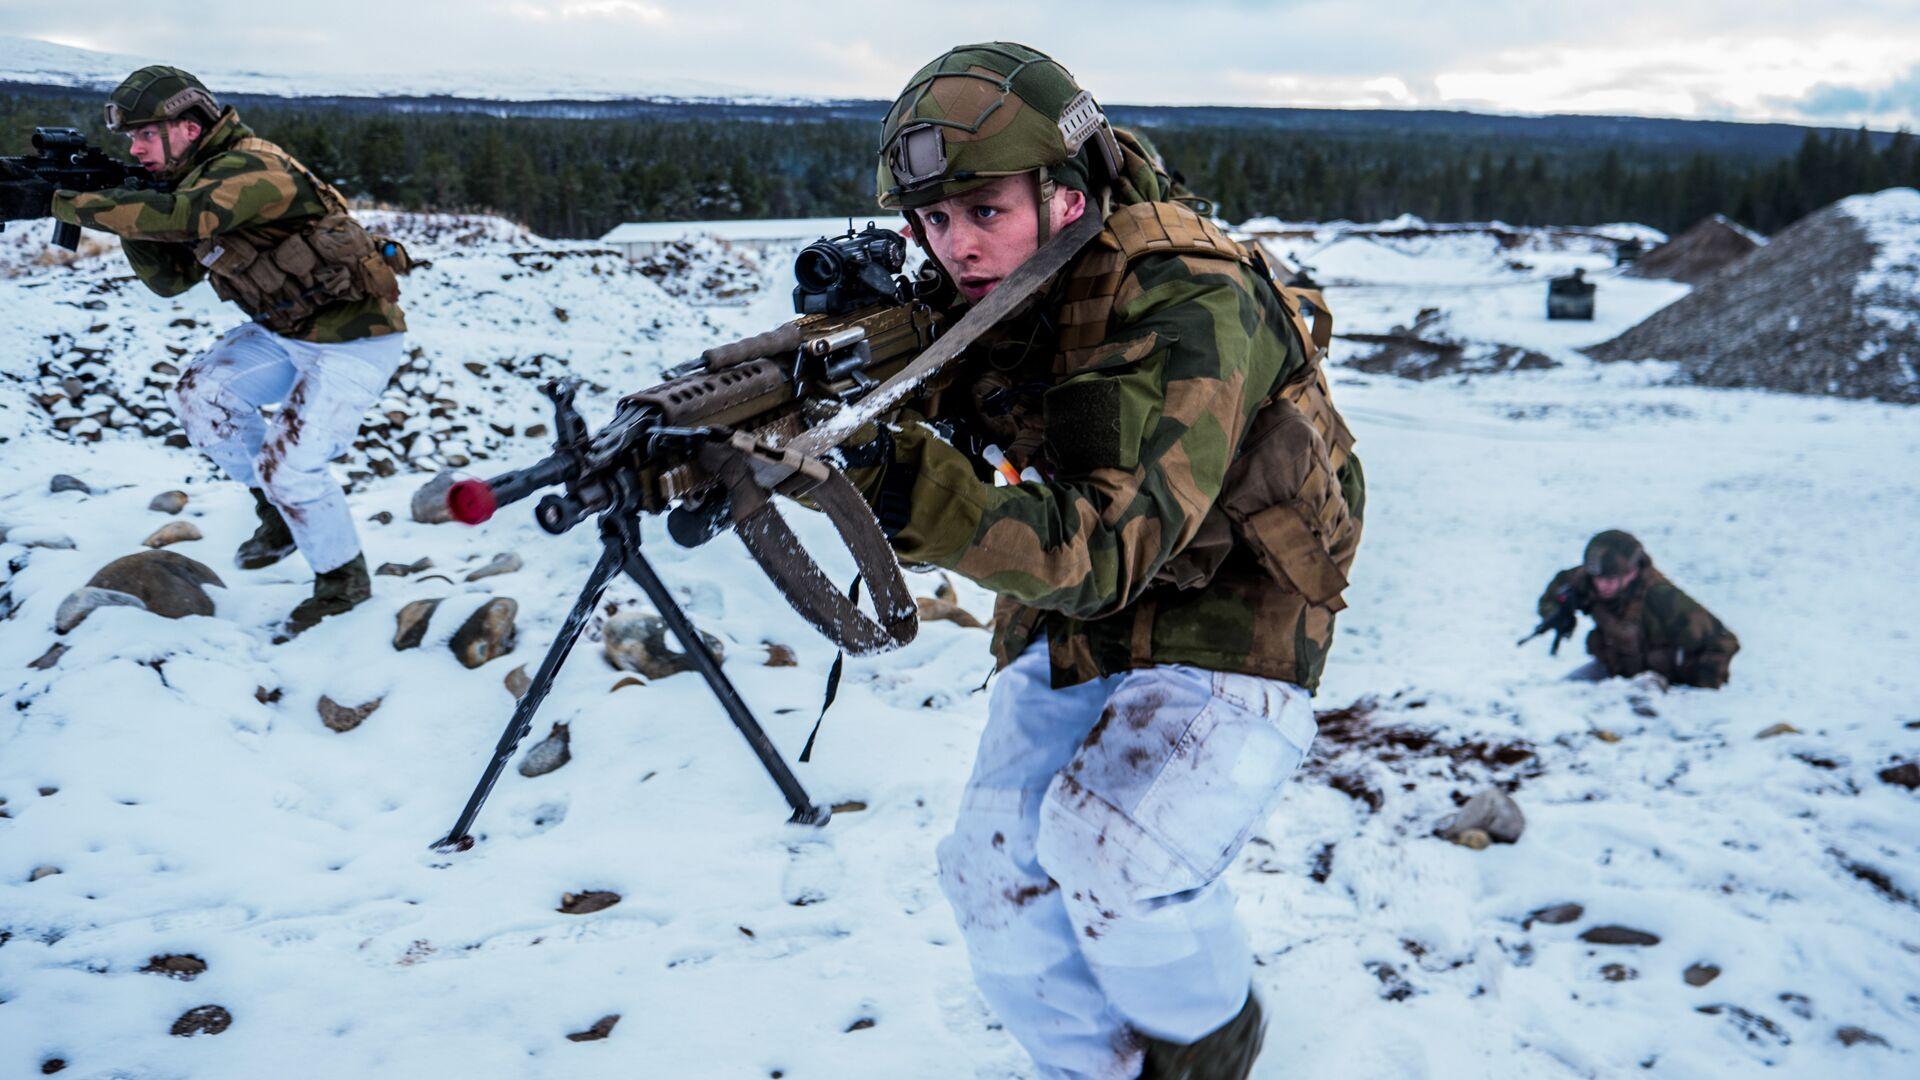 Военнослужащие Вооруженных сил Норвегии во время совместных учений НАТО Trident Juncture 2018 (Единый трезубец) - РИА Новости, 1920, 27.11.2020